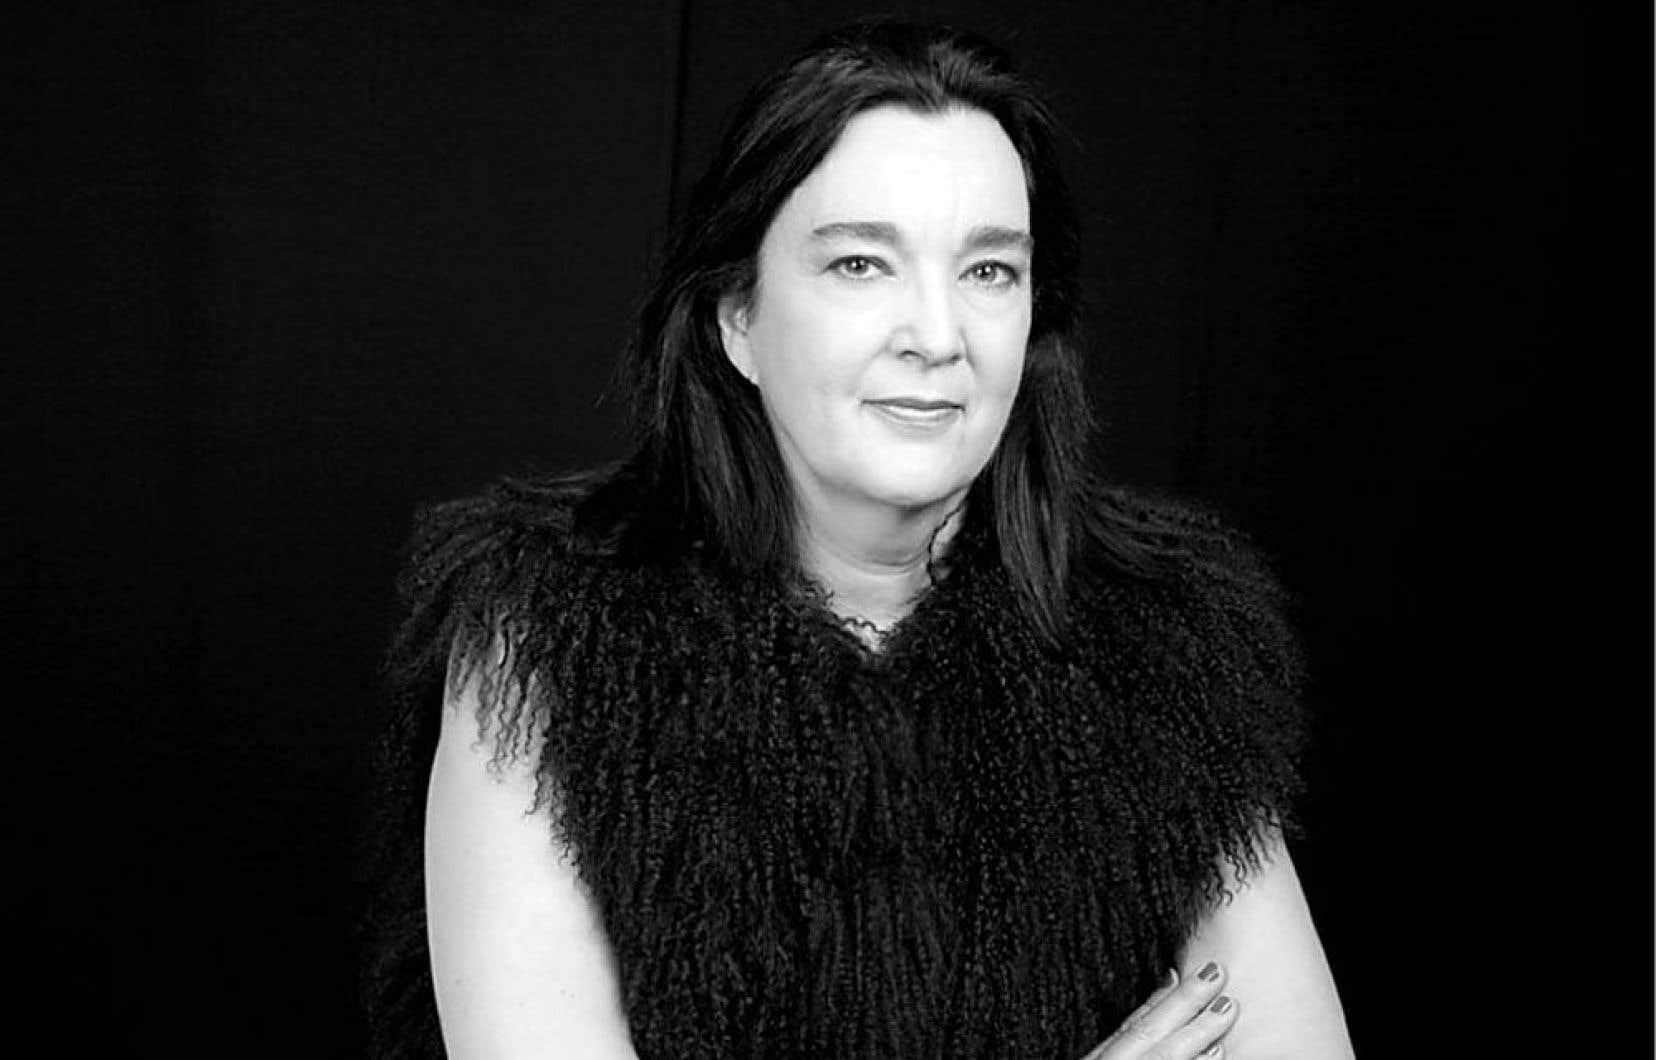 Chantal Pontbriand, commissaire et critique d'art montréalaise, est récemment revenue au Canada après avoir vécu à Paris et à Londres pendant une dizaine d'années.